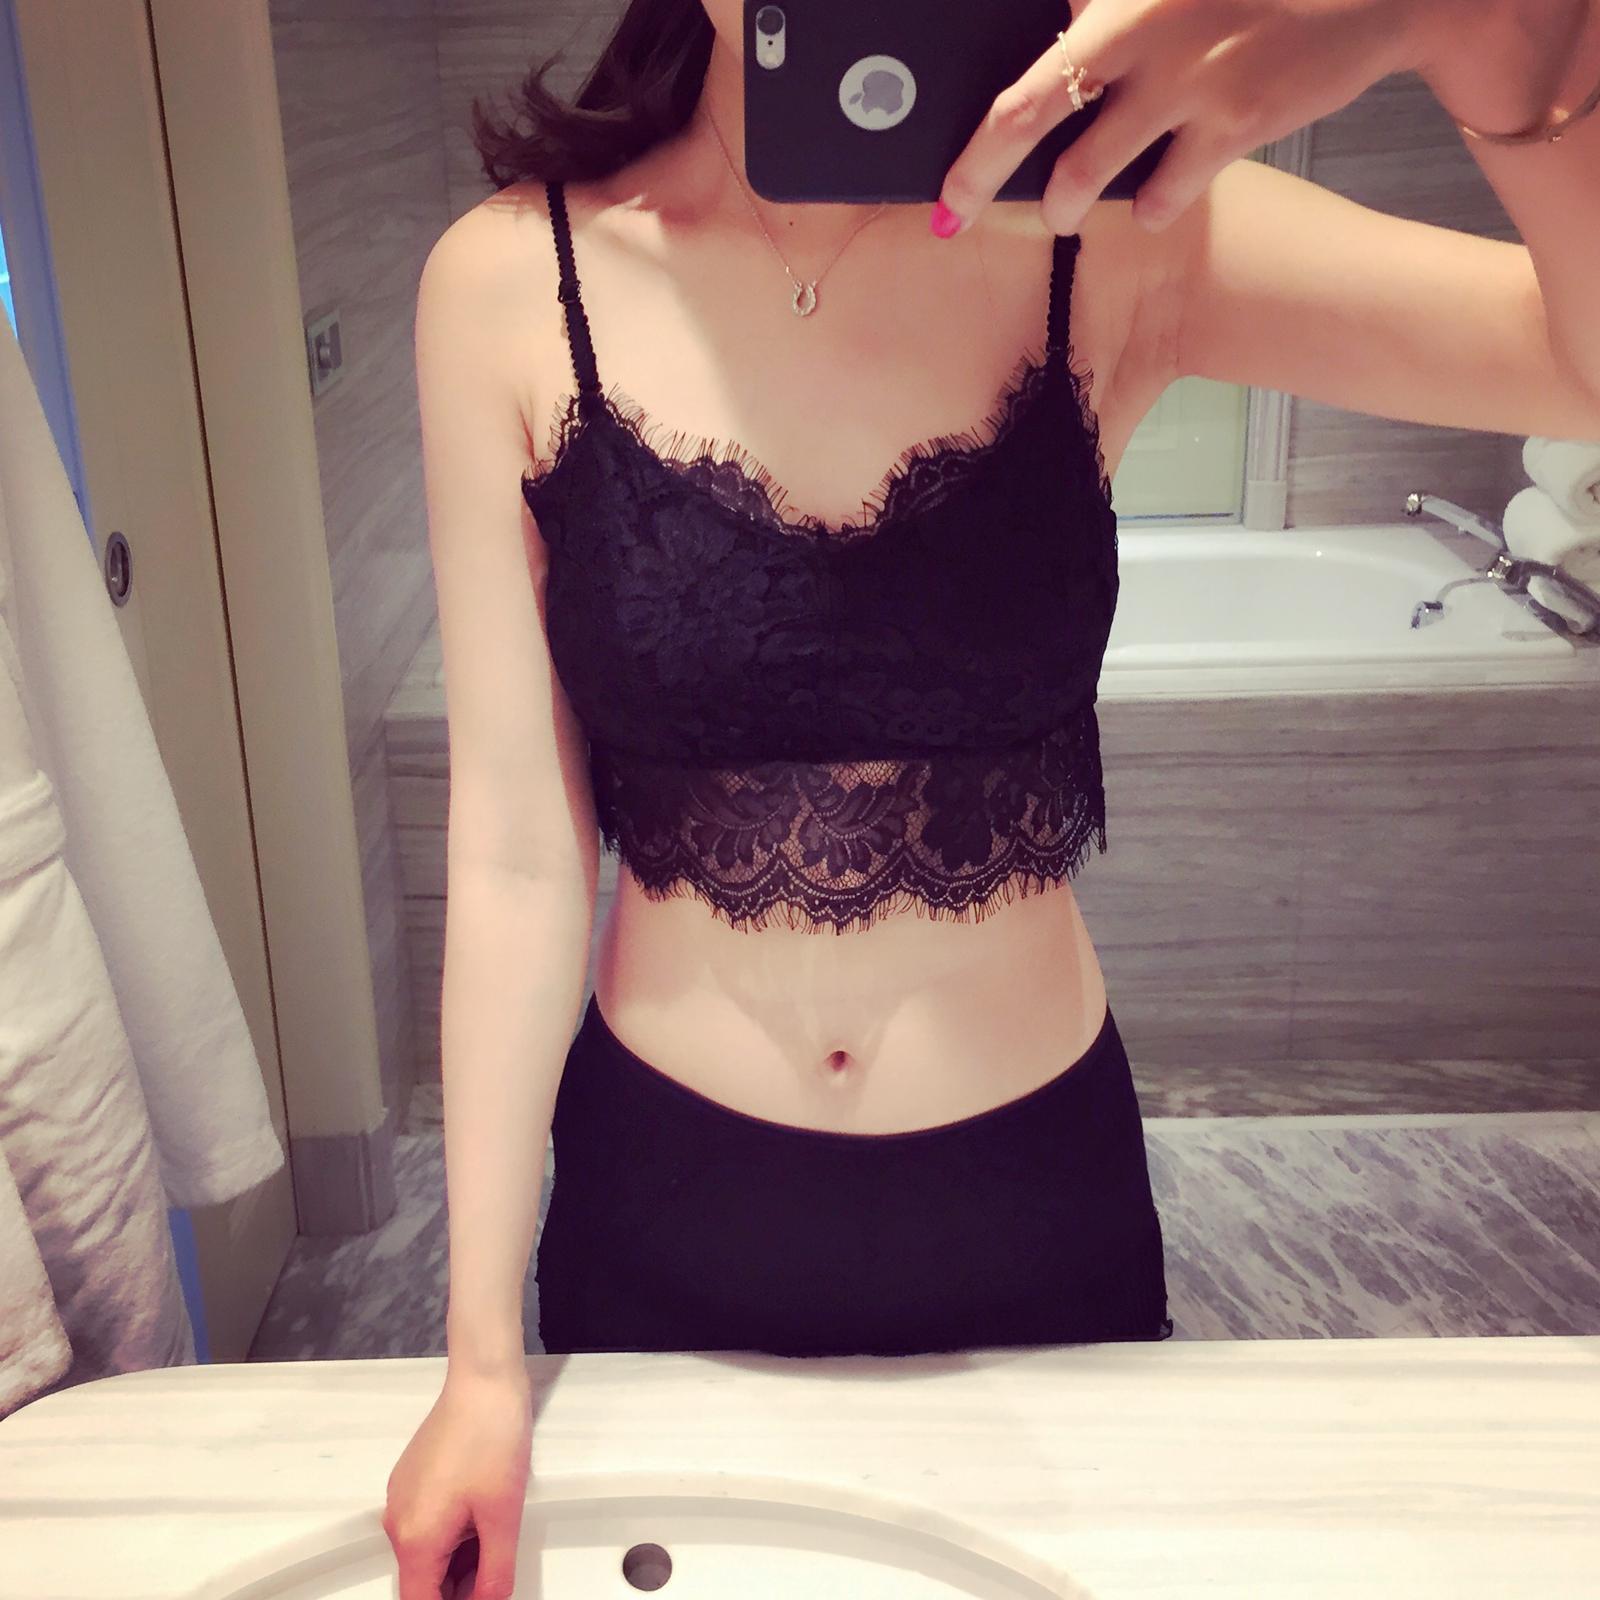 2019春夏季女睫毛蕾丝吊带衫防走光抹胸裹胸 肩带可调节黑色白色